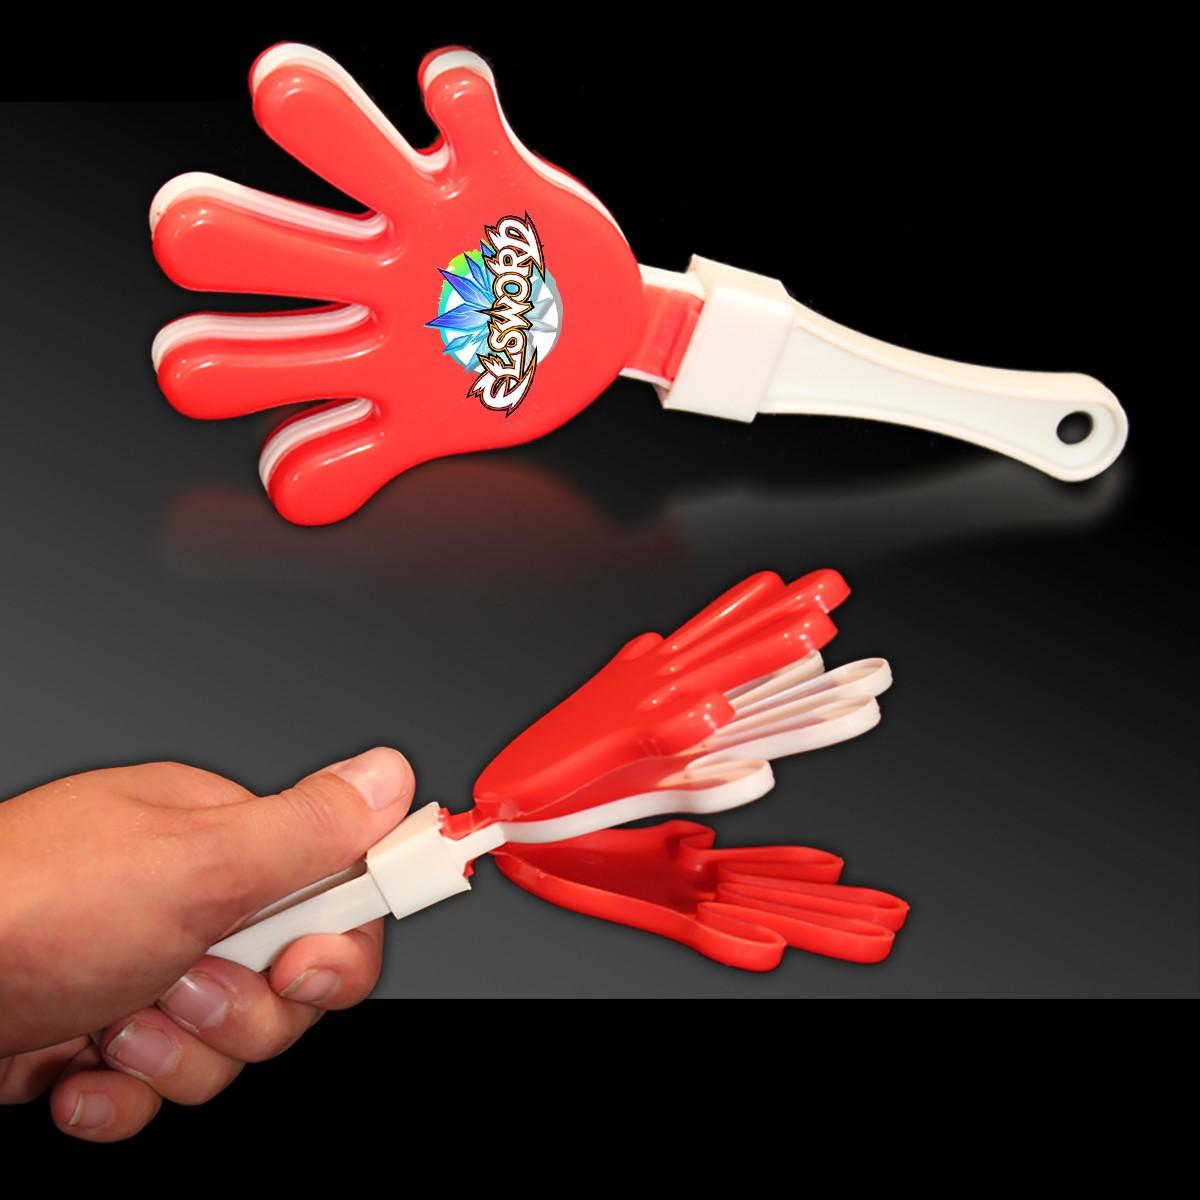 REDWHITERED HAND CLAPPER